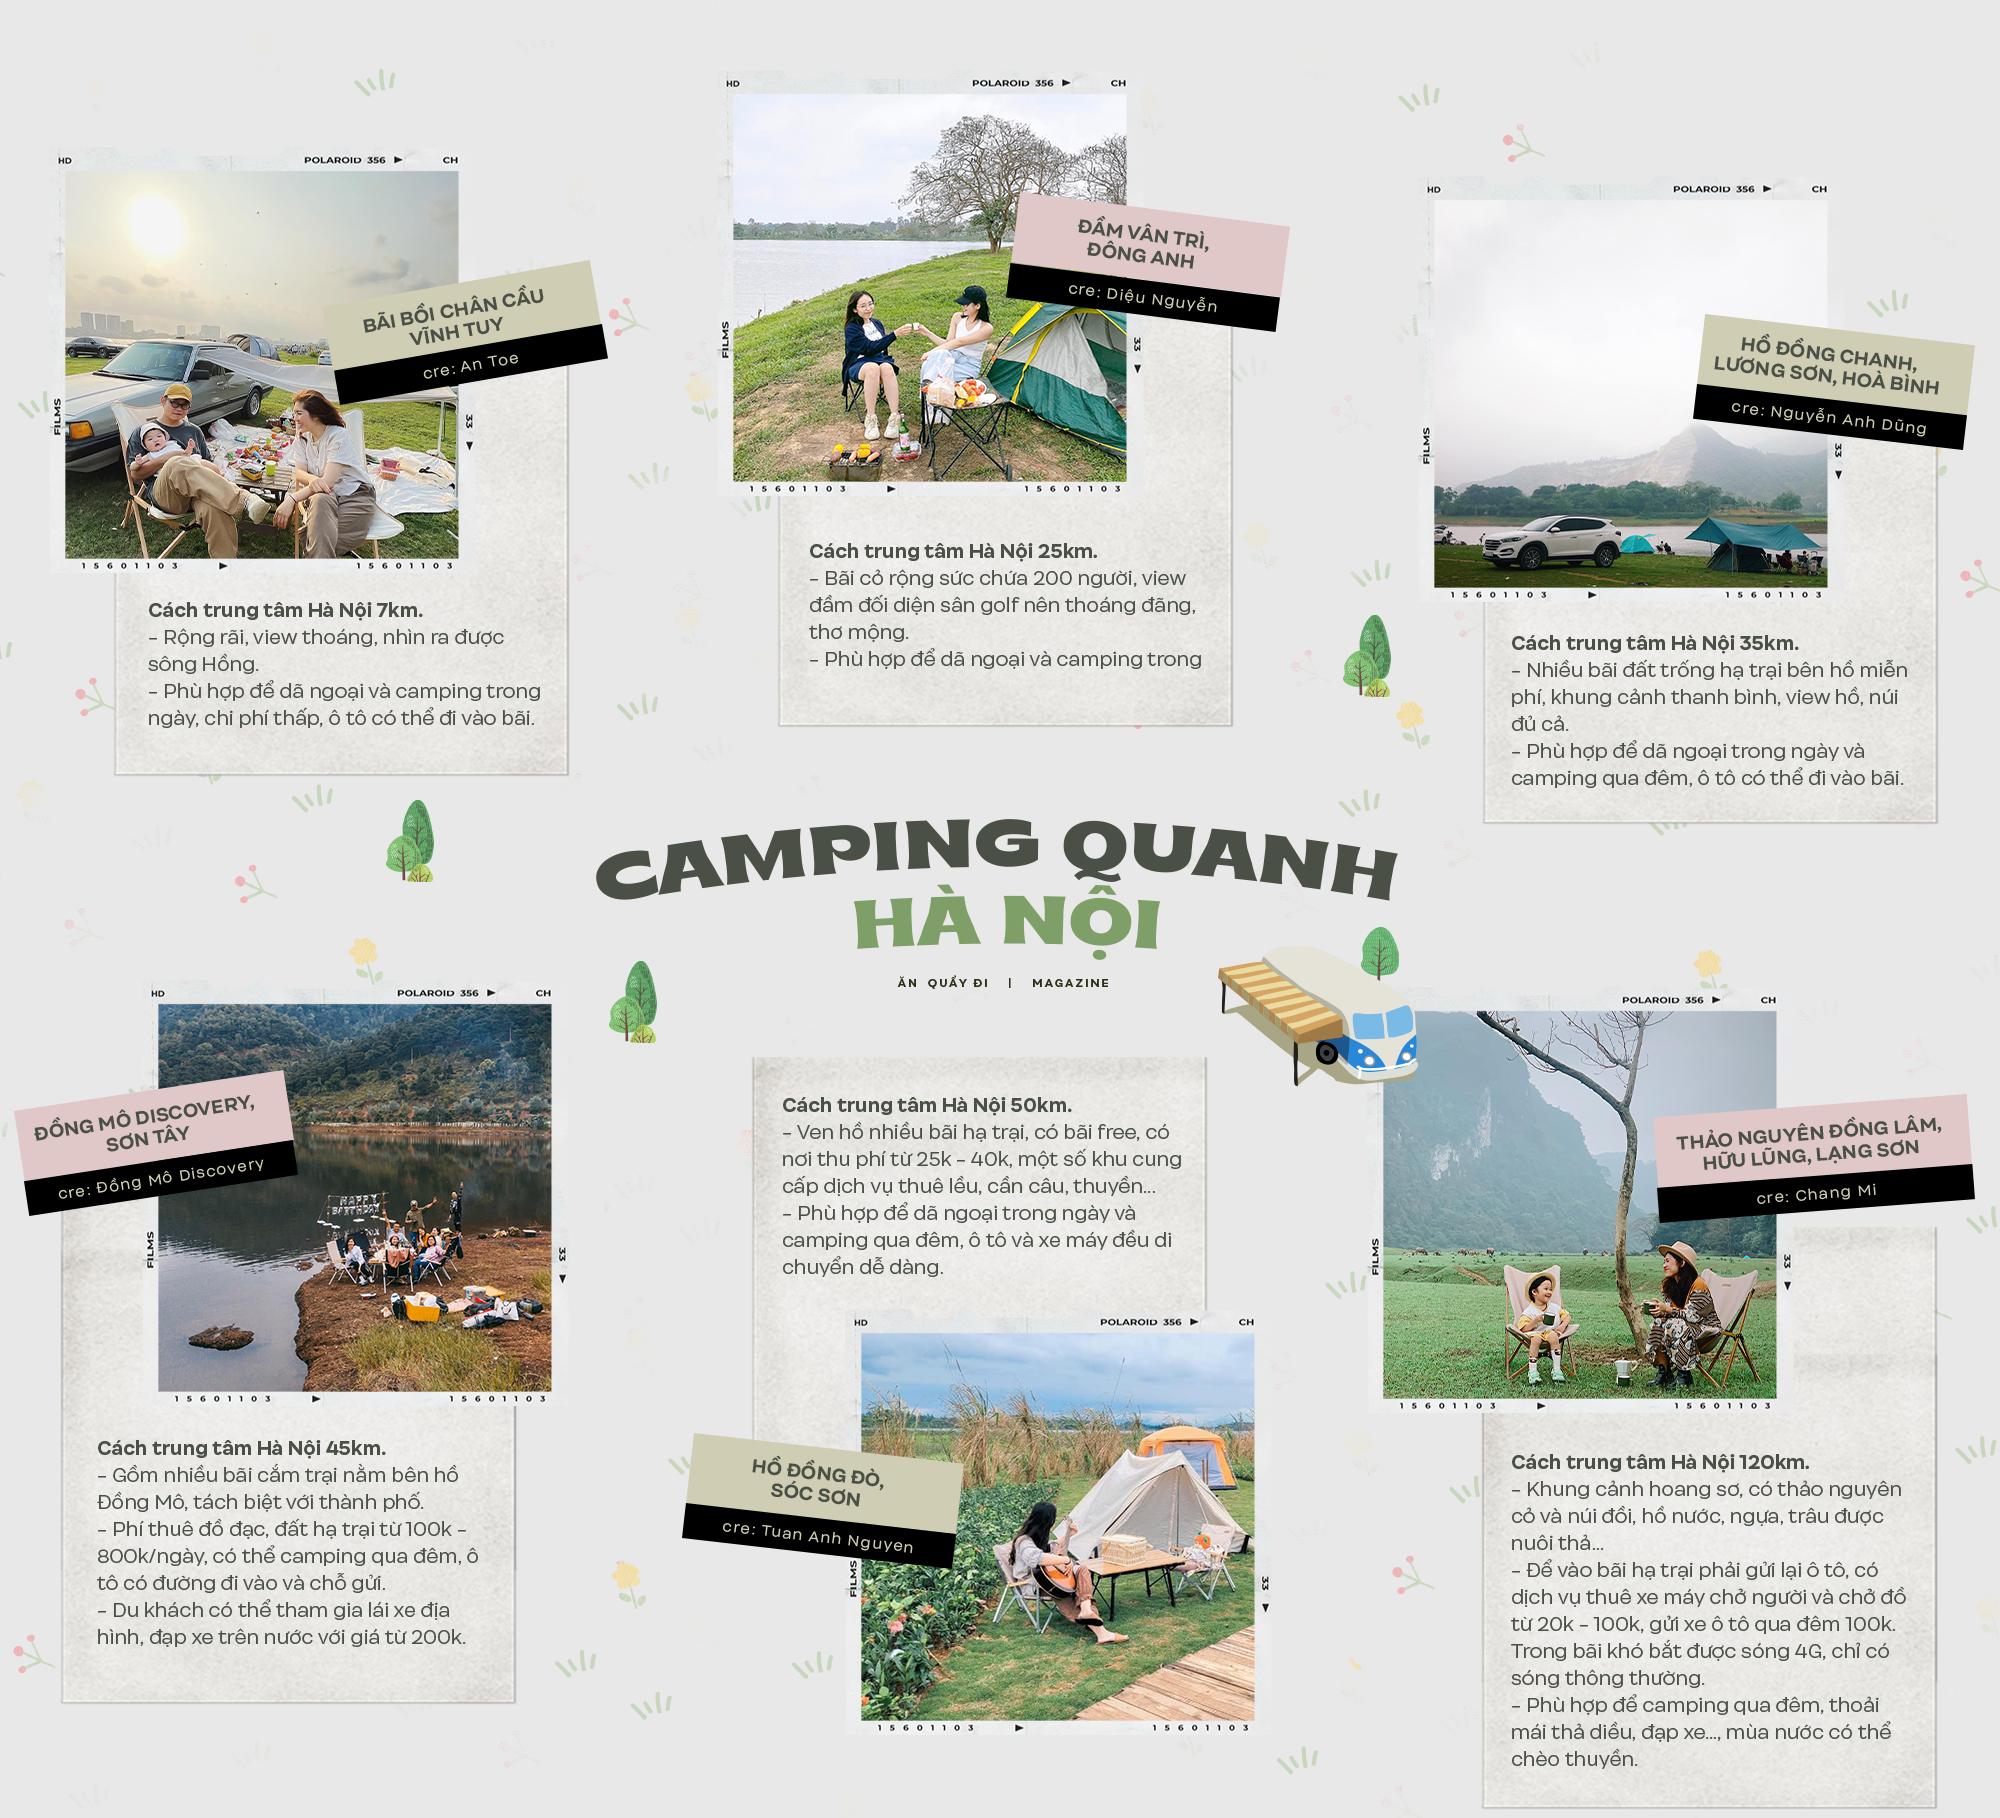 """Đổi """"vị"""" du lịch với một món thật khác lạ, trải nghiệm ngay trào lưu camping """"hot hit"""" nhất lúc này! - Ảnh 19."""